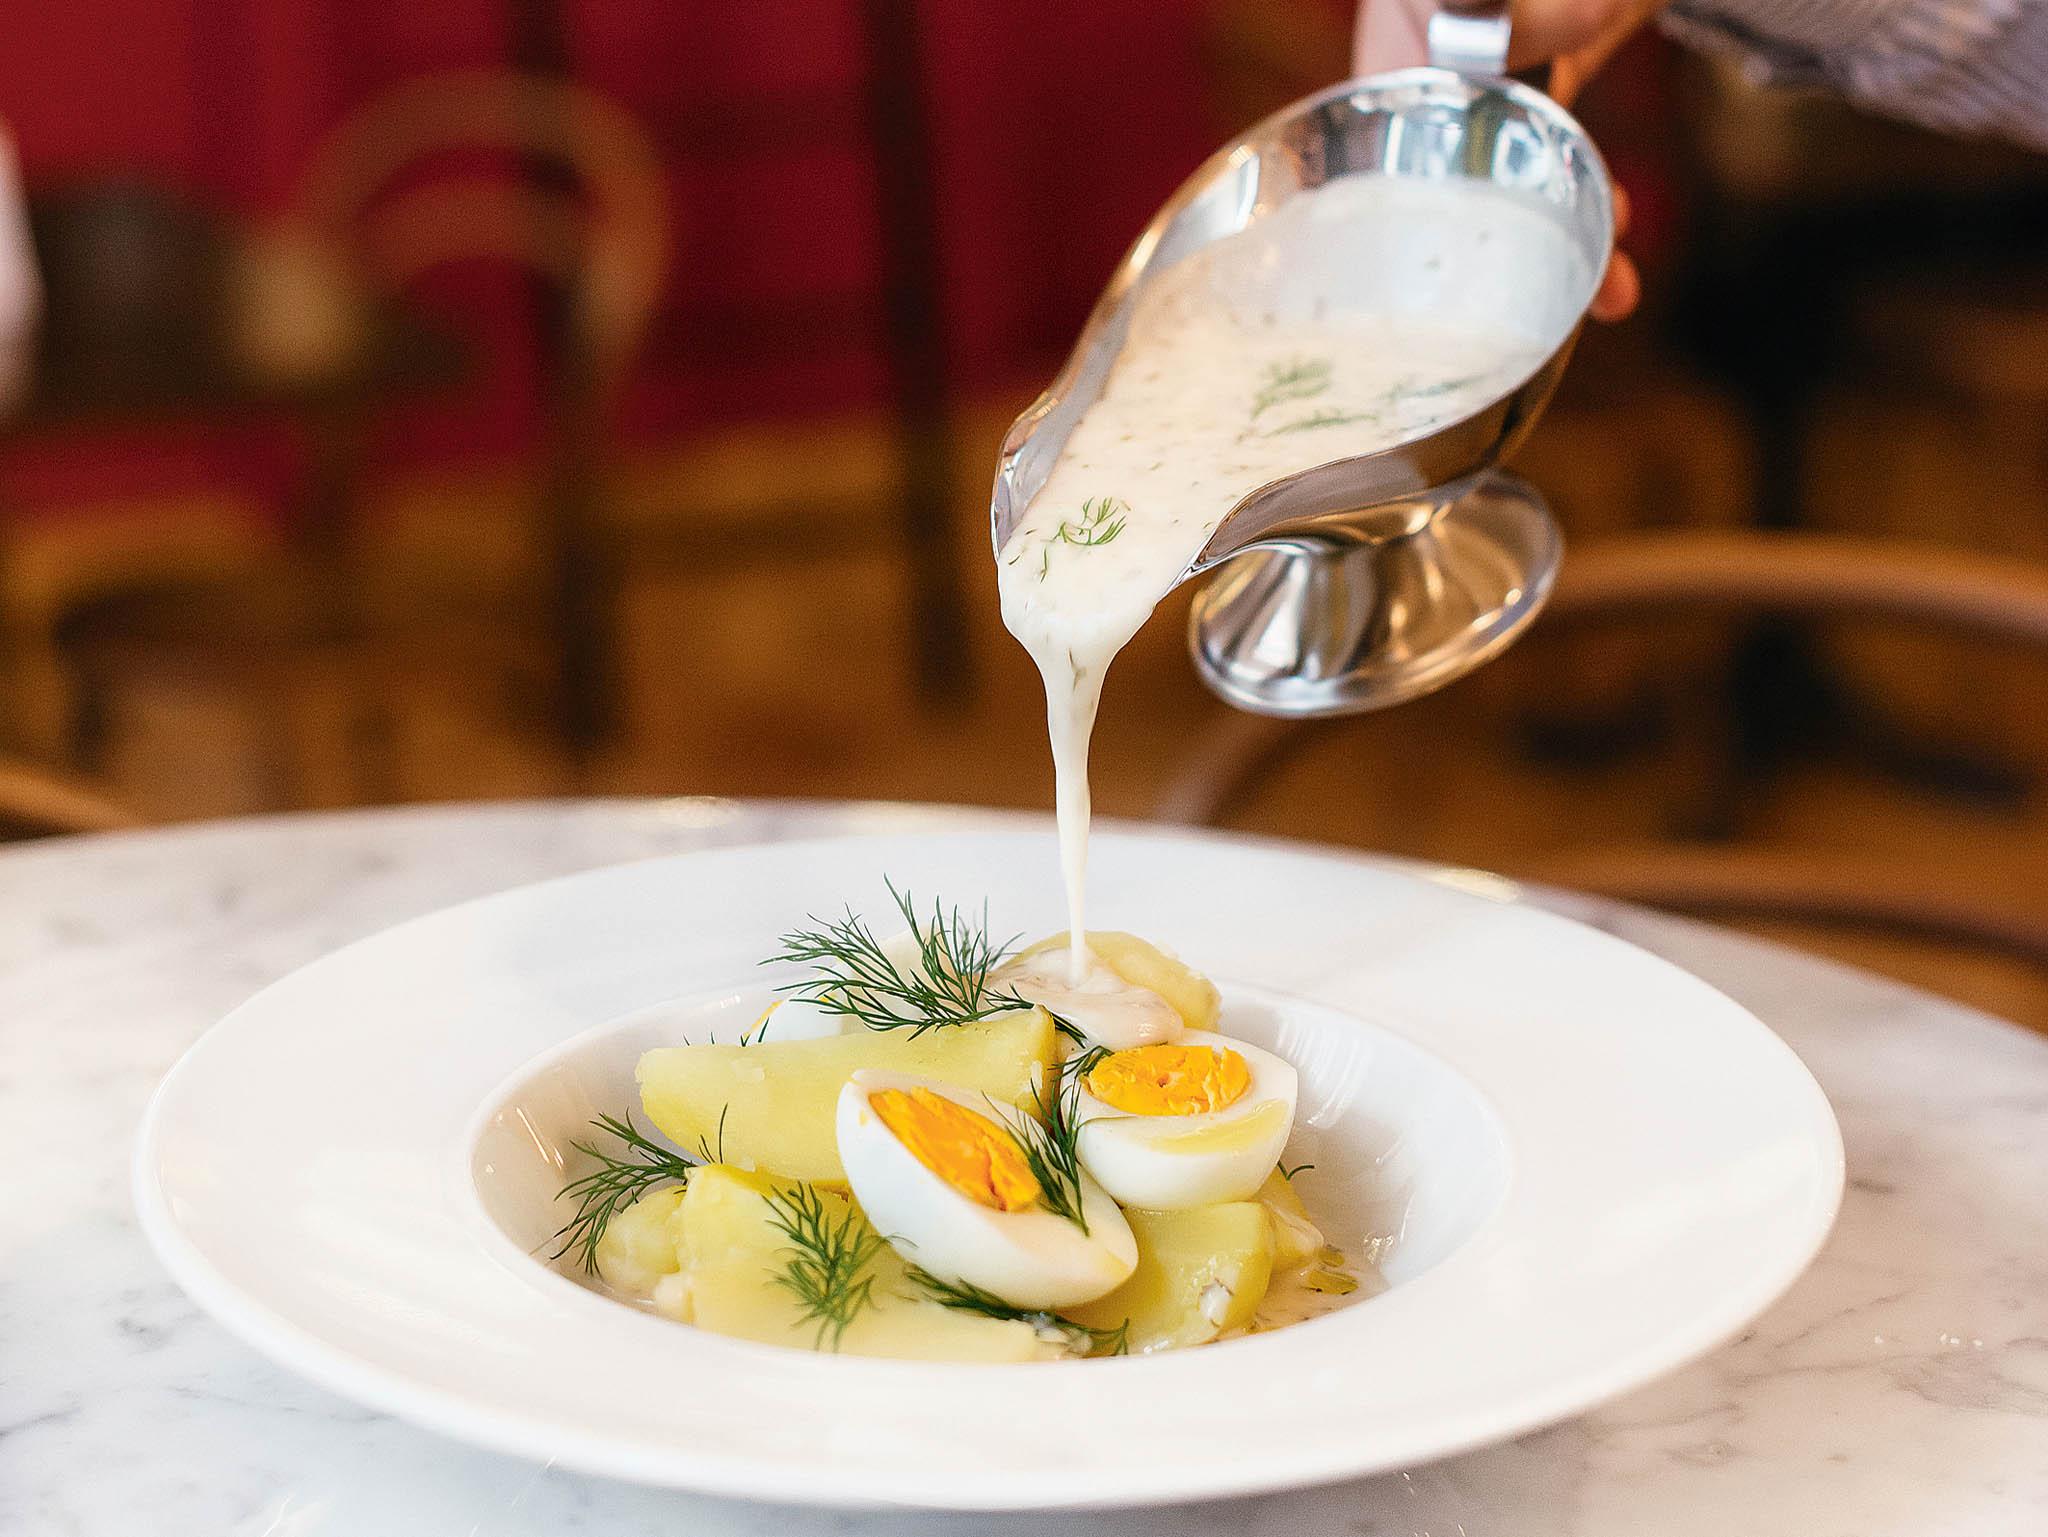 Koprová omáčka s vařeným vejcem a bramborem.